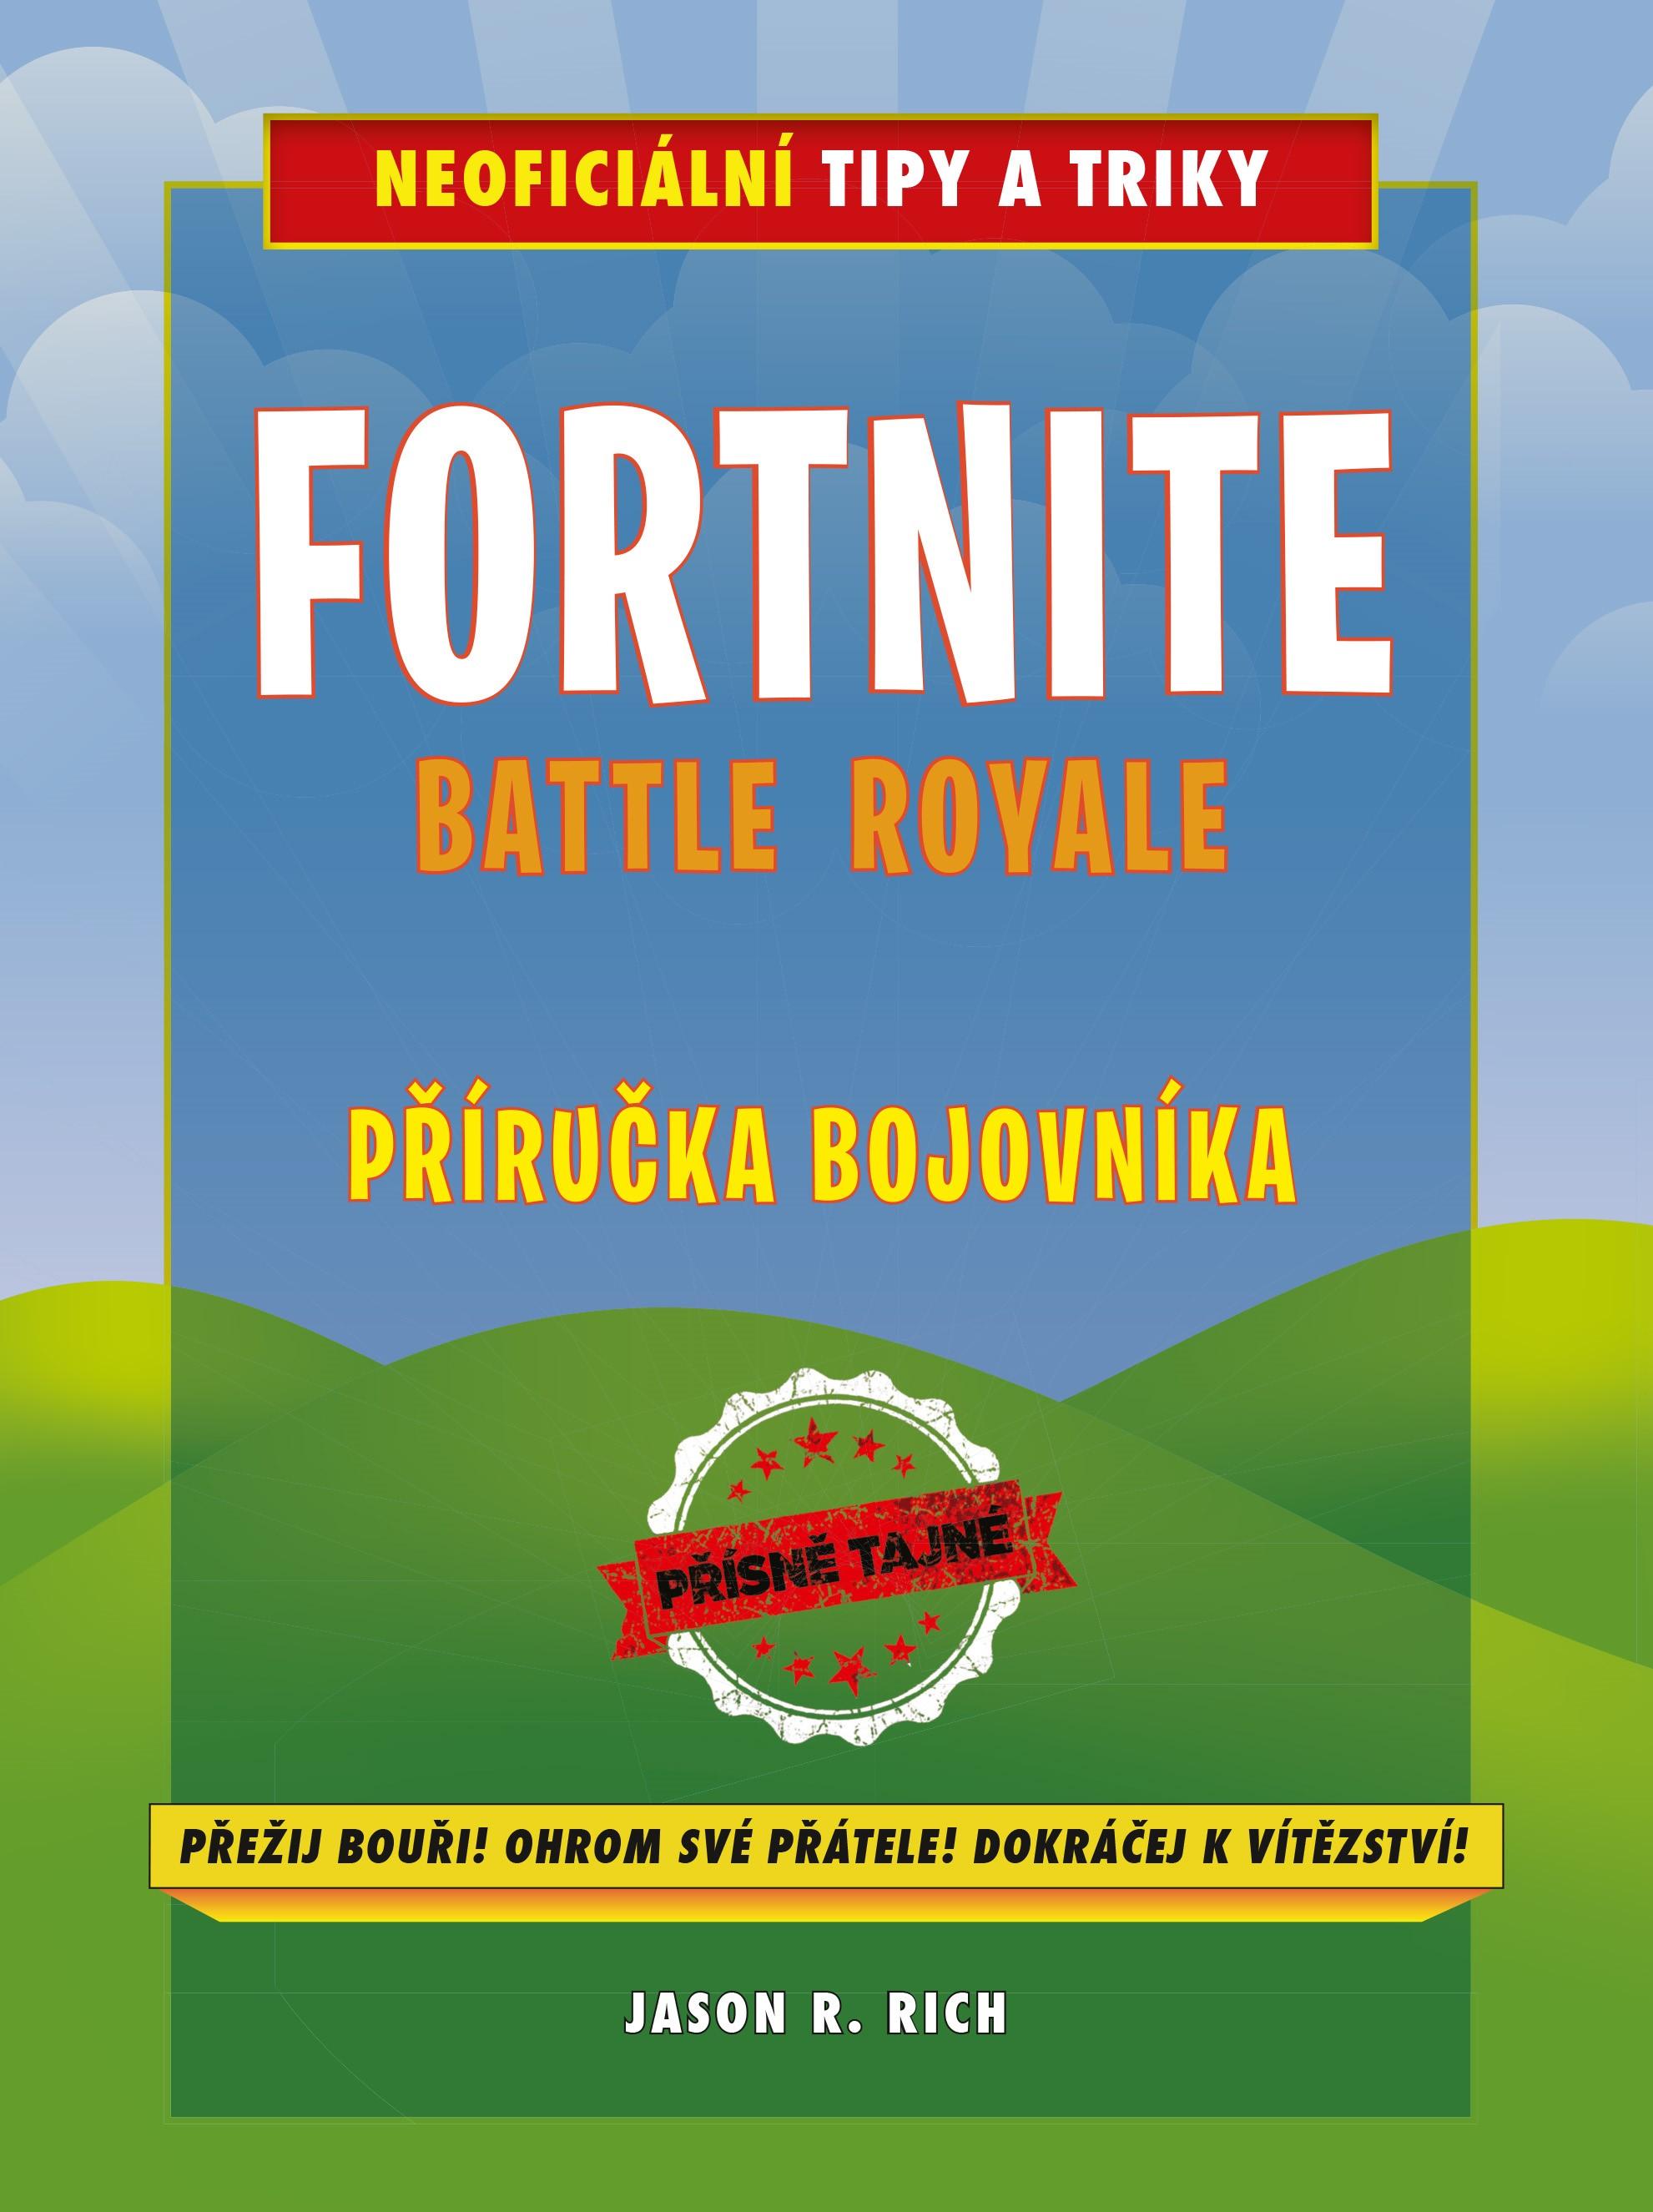 Fortnite Battle Royale: Neoficiální příručka bojovníka